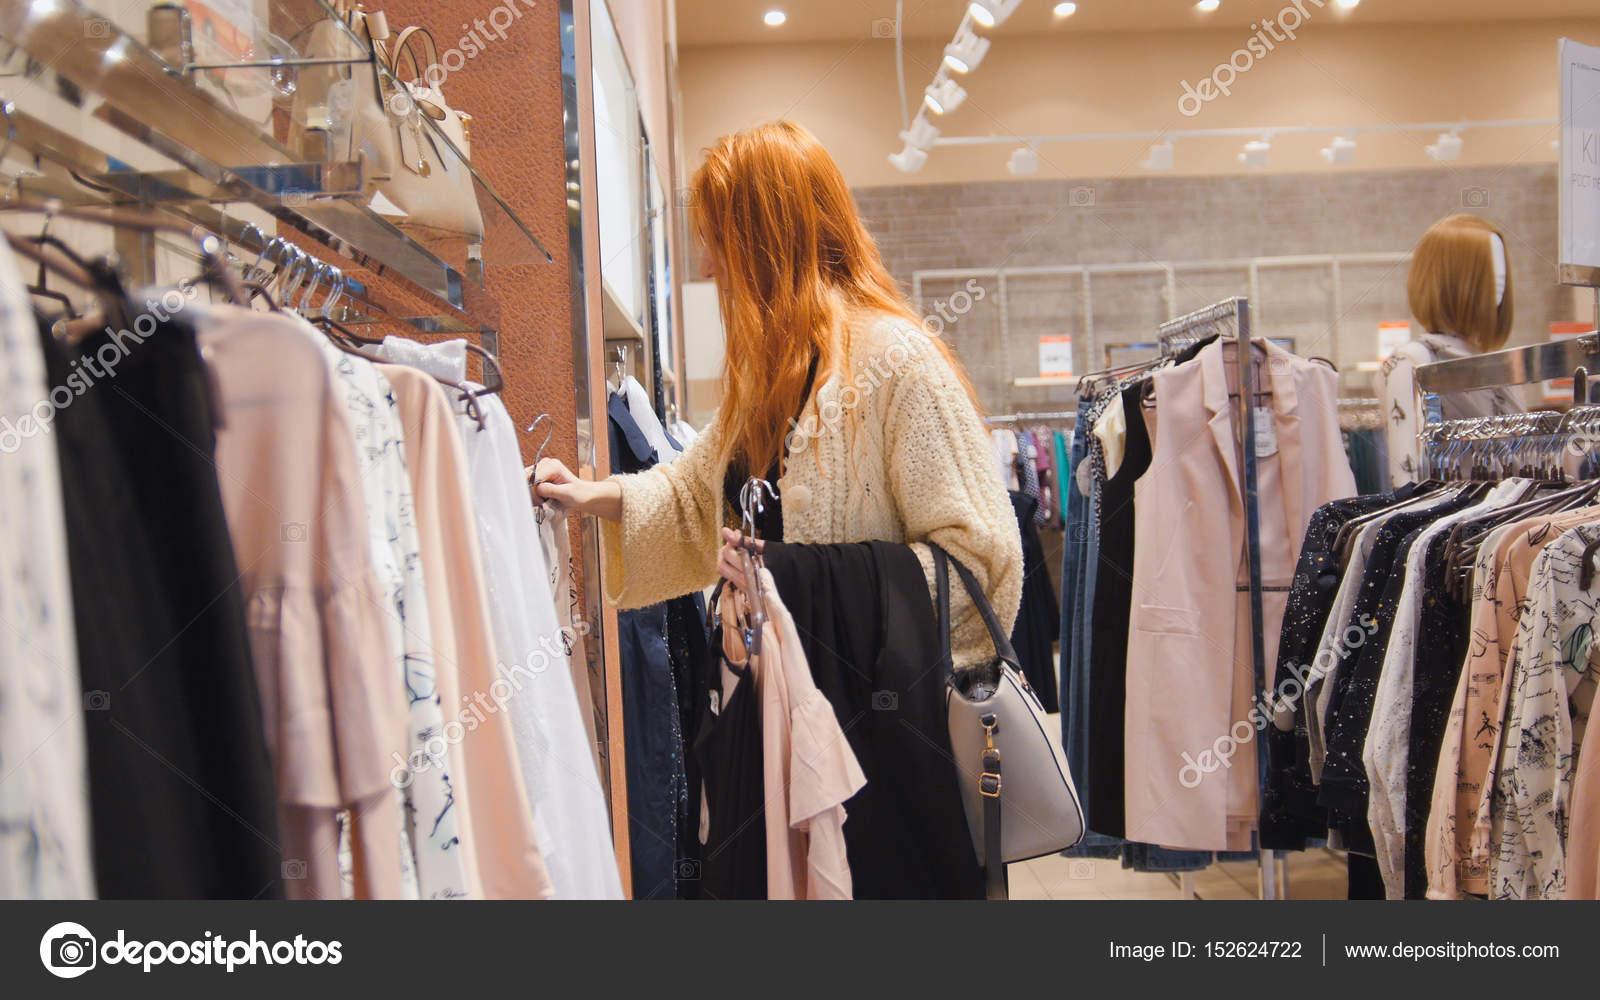 94a0df77e1 Eladó - ruha bolt nő úgy dönt, a ruhák - shopping fogalmát — Stock ...